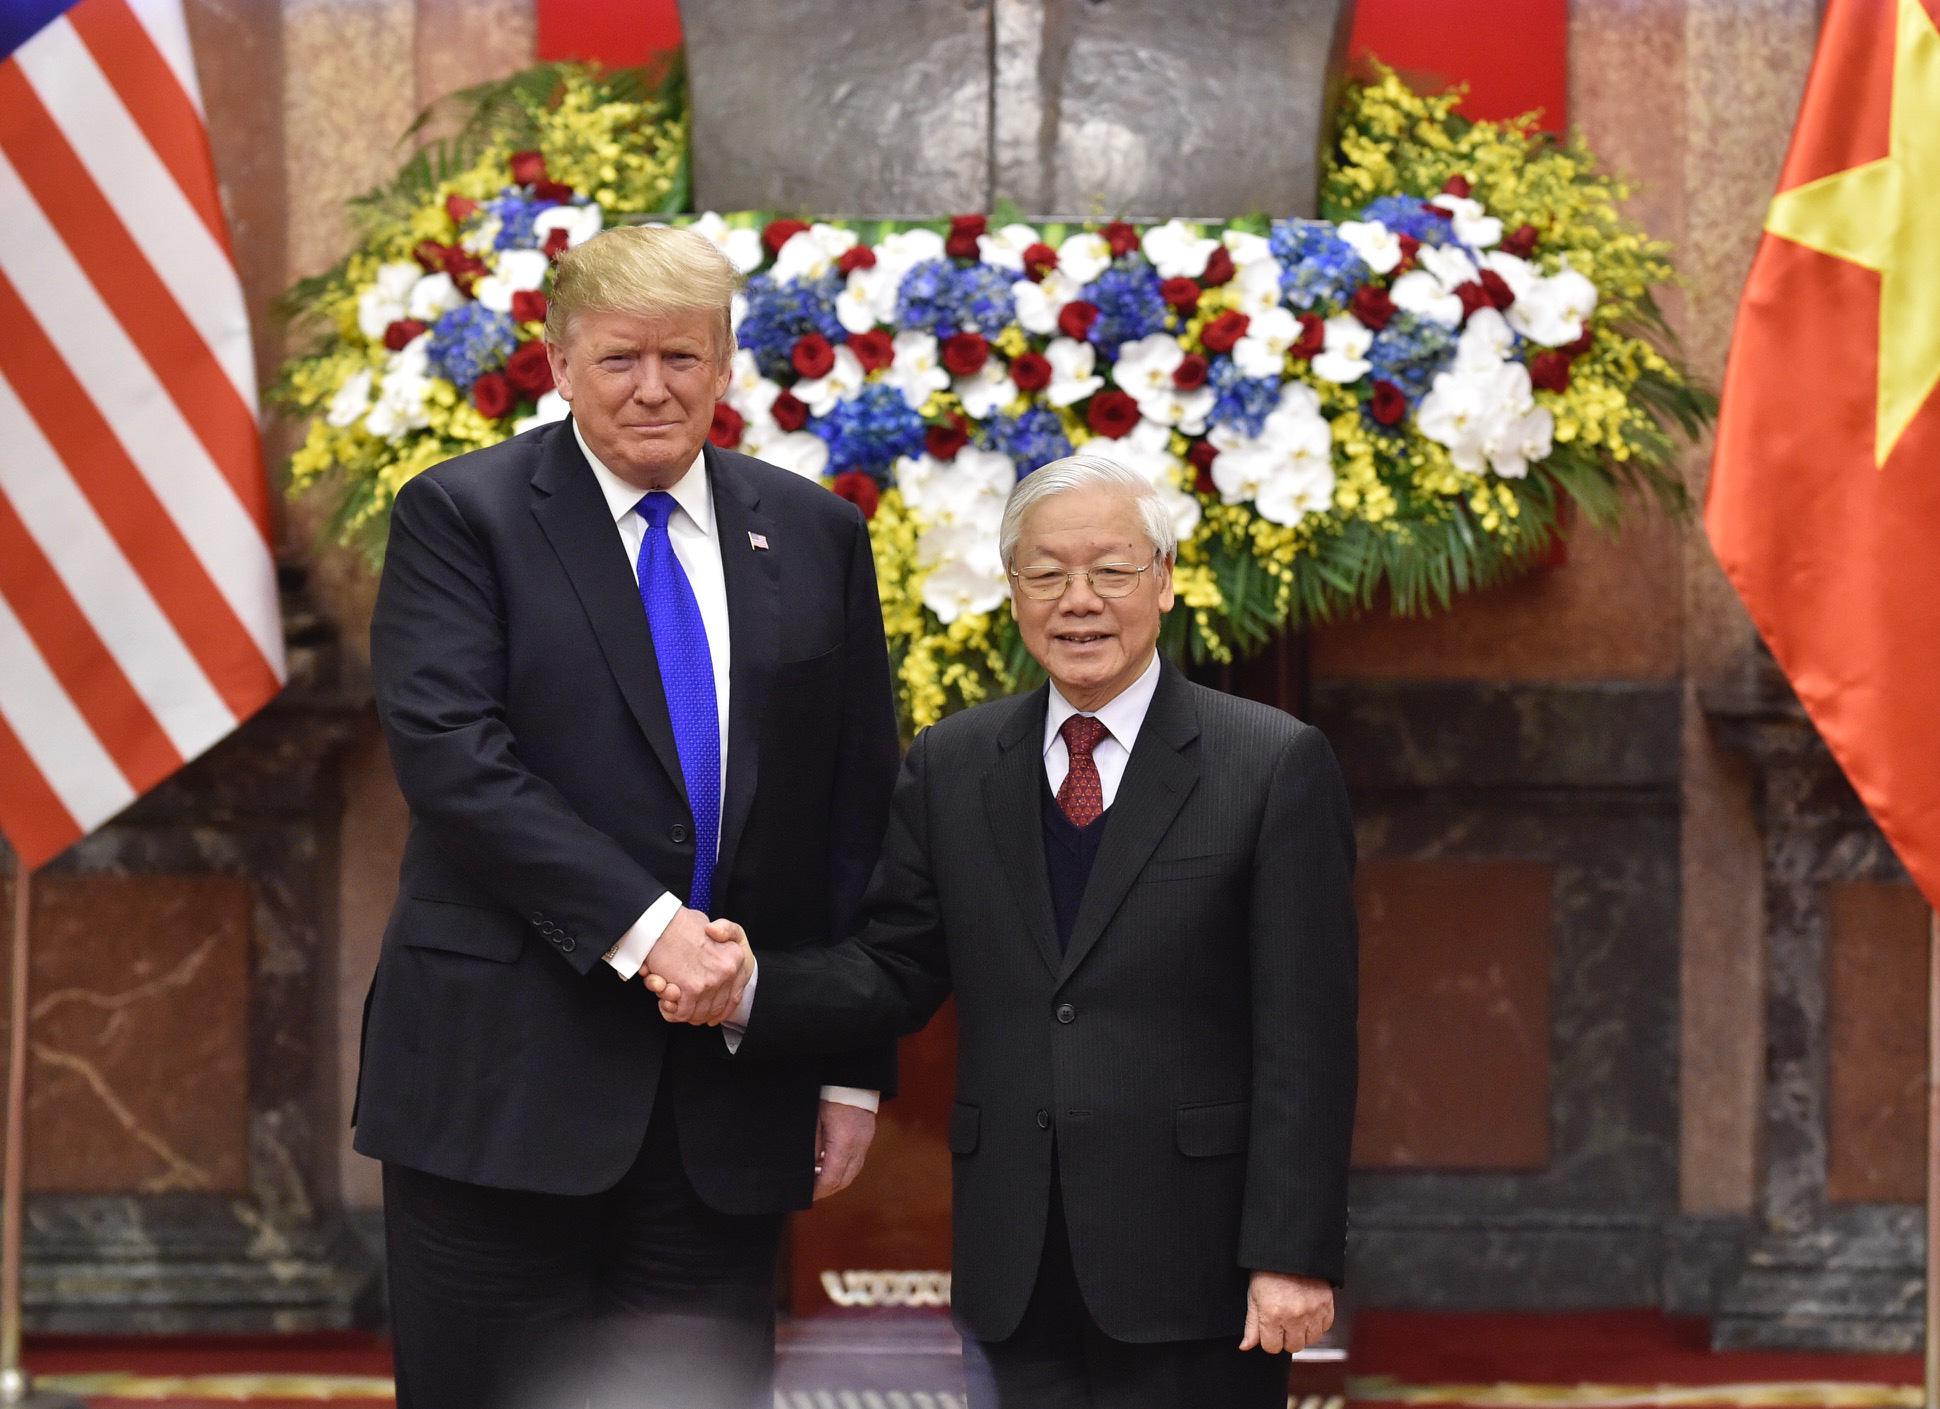 Tổng Bí thư, Chủ tịch nước Nguyễn Phú Trọng và Tổng thống Donald Trump chúc mừng 25 năm quan hệ ngoại giao Việt Nam - Hoa Kỳ - Ảnh 1.